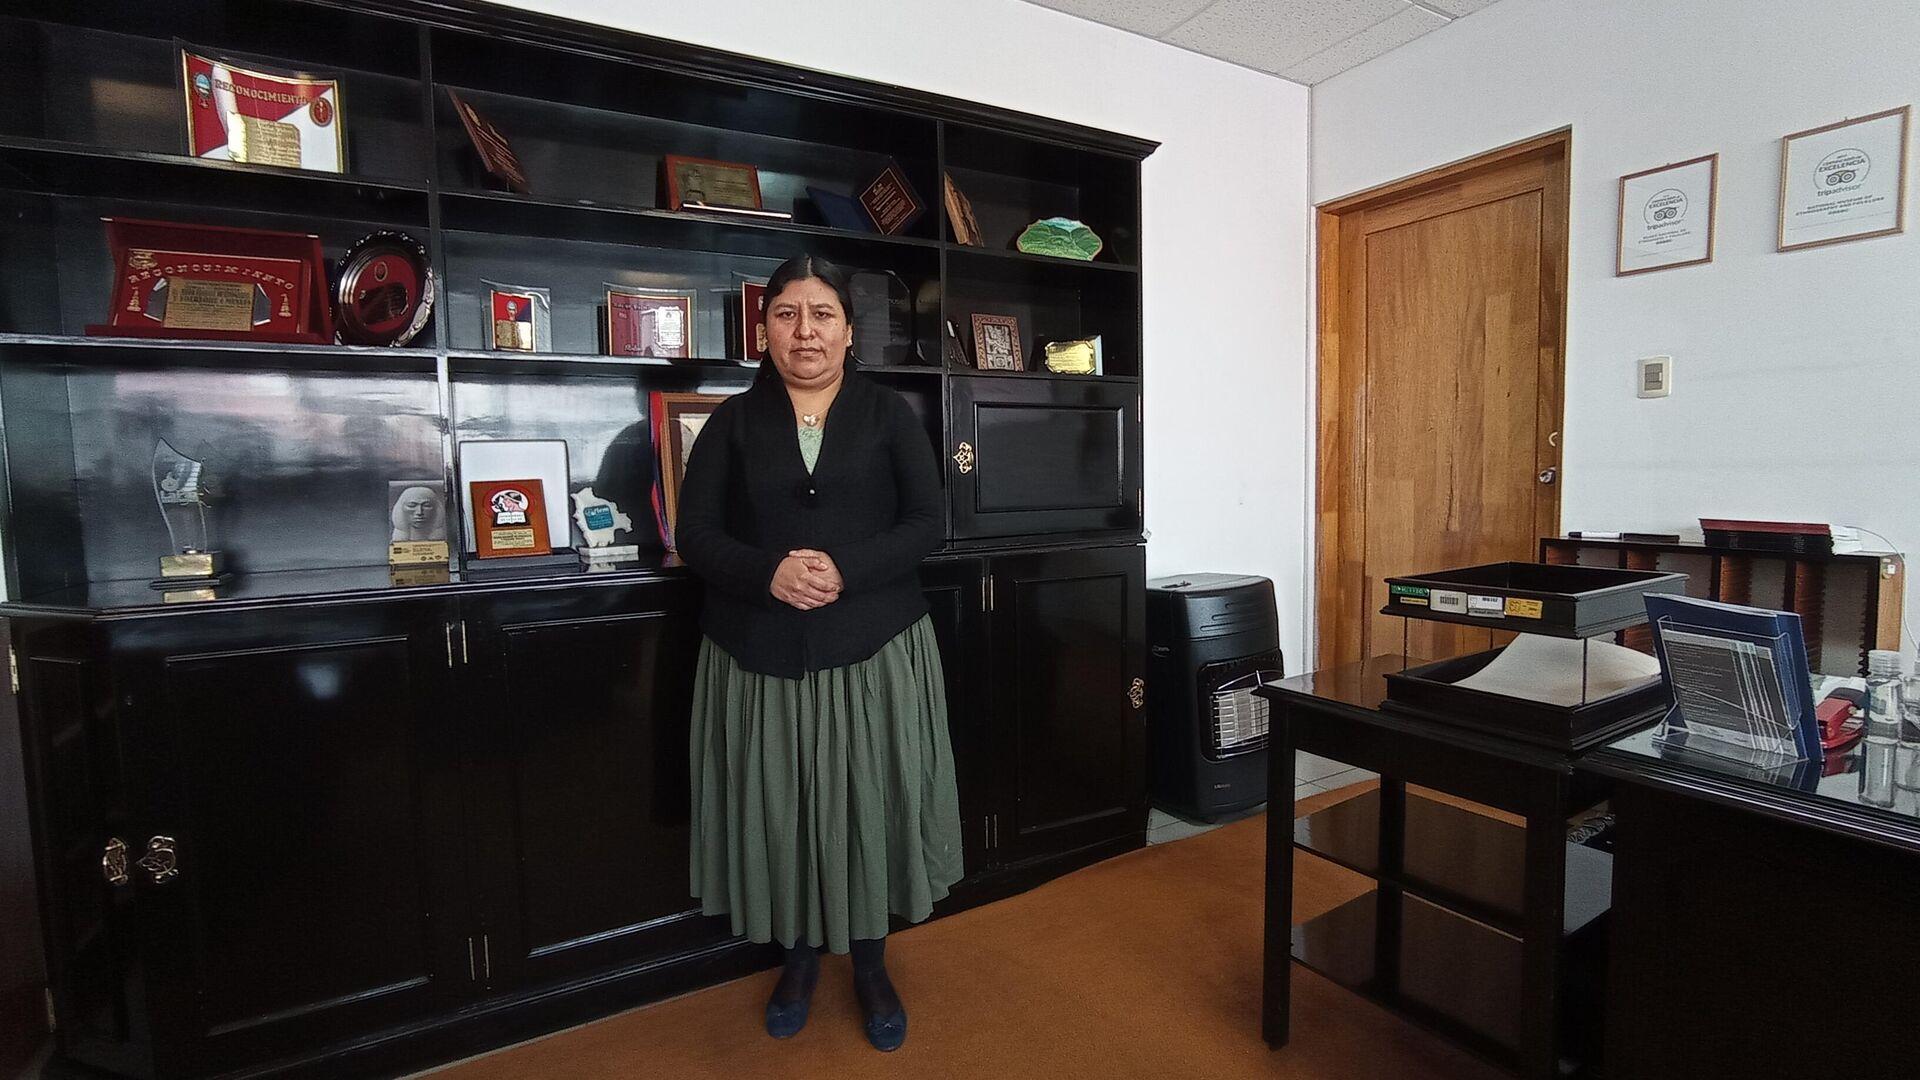 Elvira Espejo, artista boliviana y directora del Museo Nacional de Etnografía y Folklore de Bolivia - Sputnik Mundo, 1920, 29.04.2021